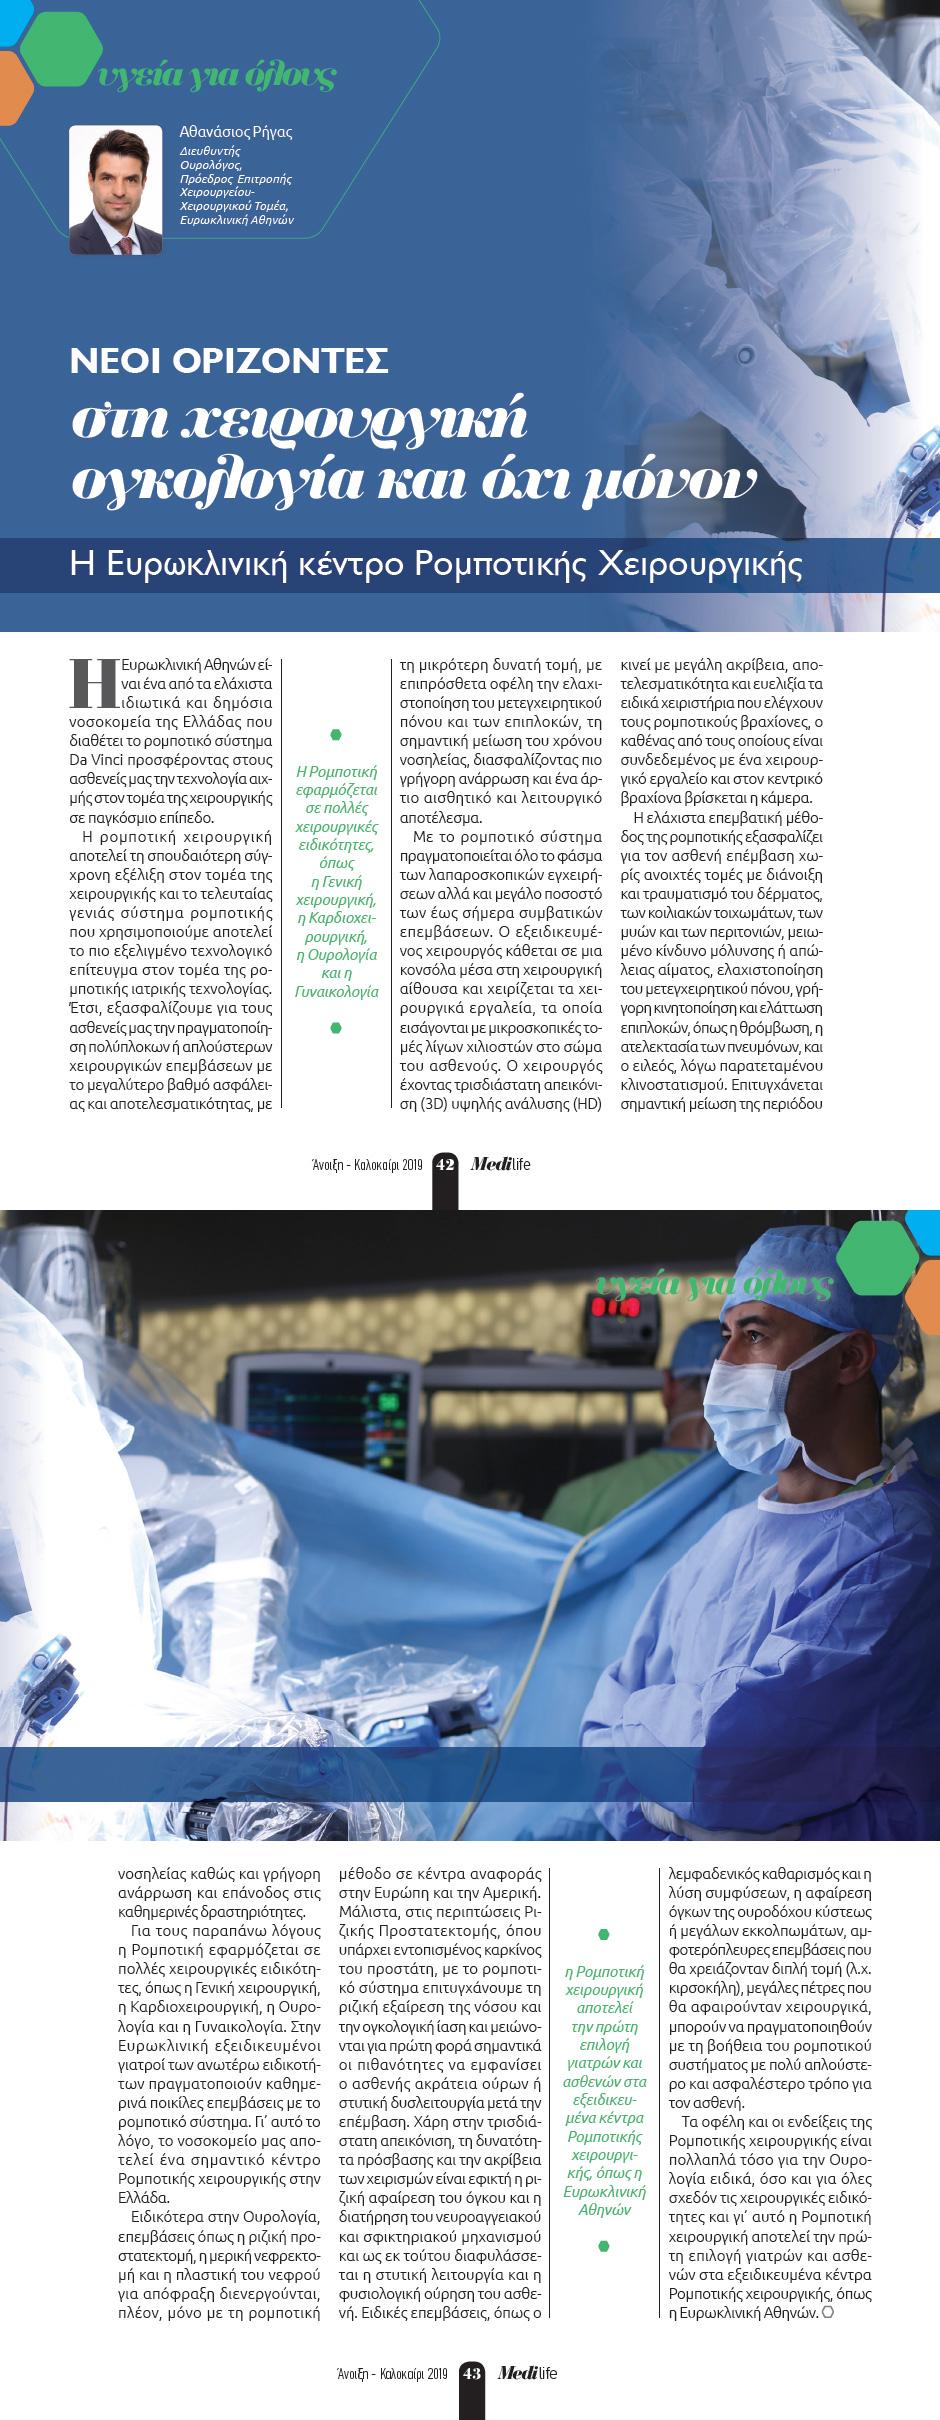 Νέοι ορίζοντες στη χειρουργική ογκολογία και όχι μόνον